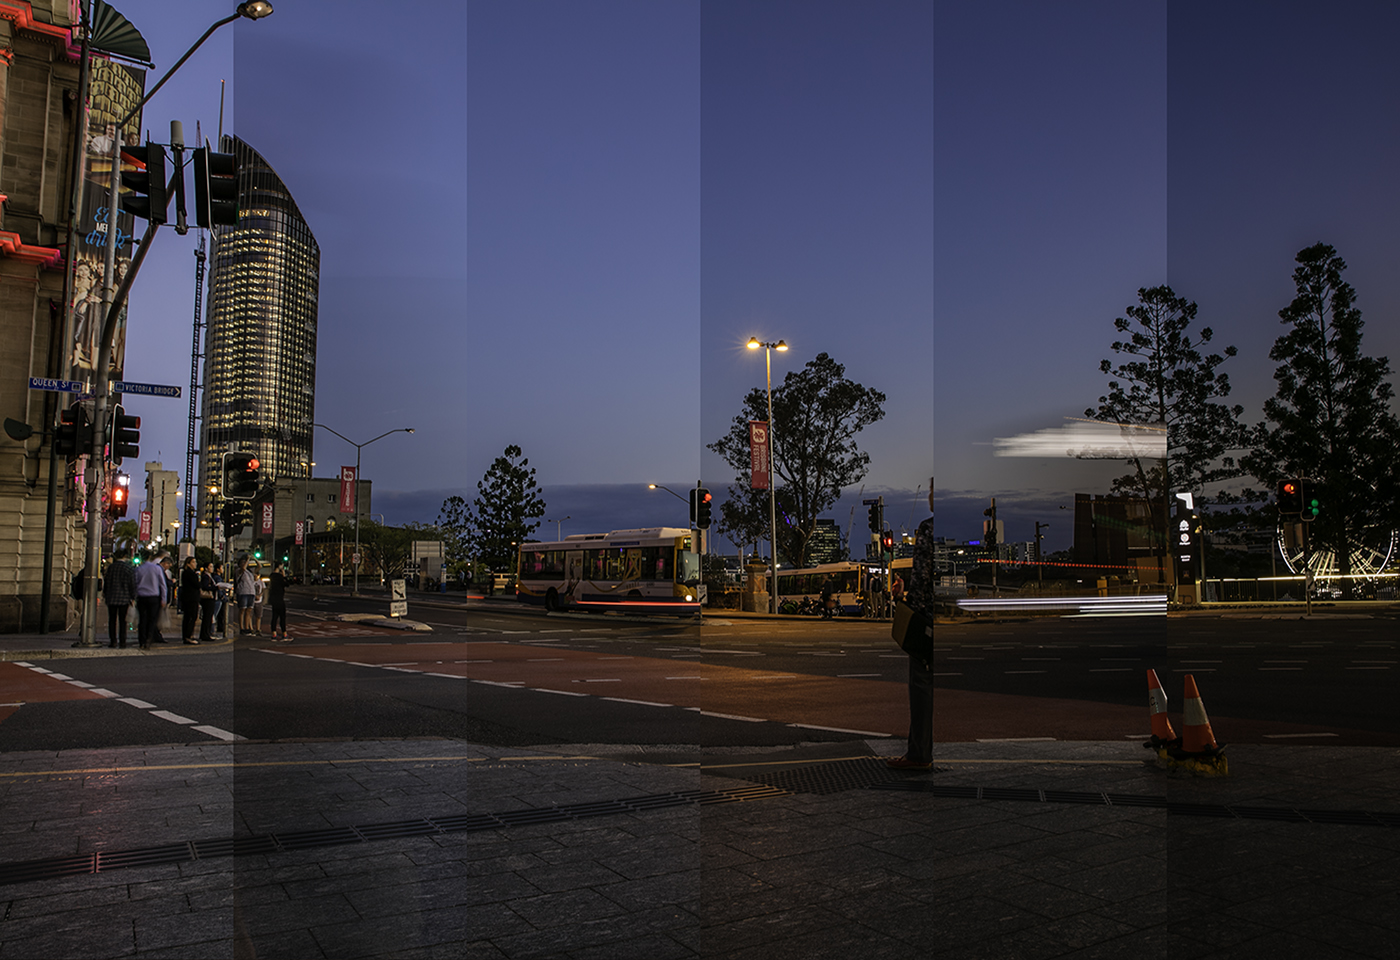 landscape image time lapse